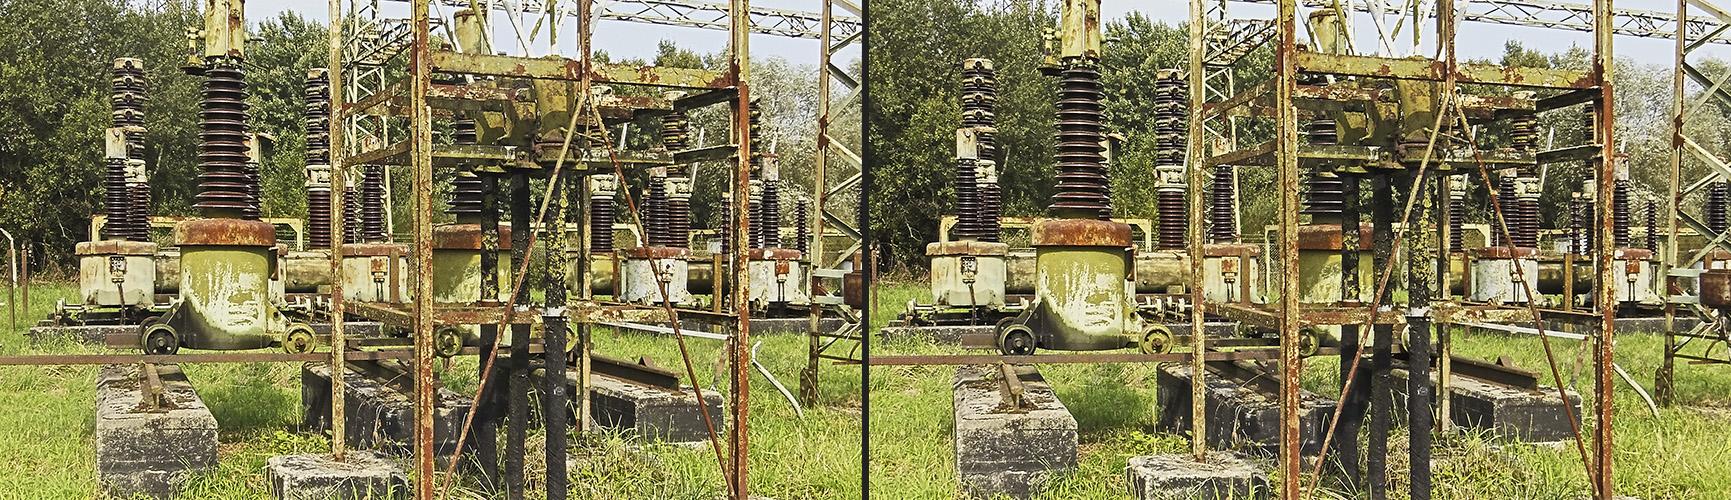 Kraftwerk Peenemünde 1 (3D)